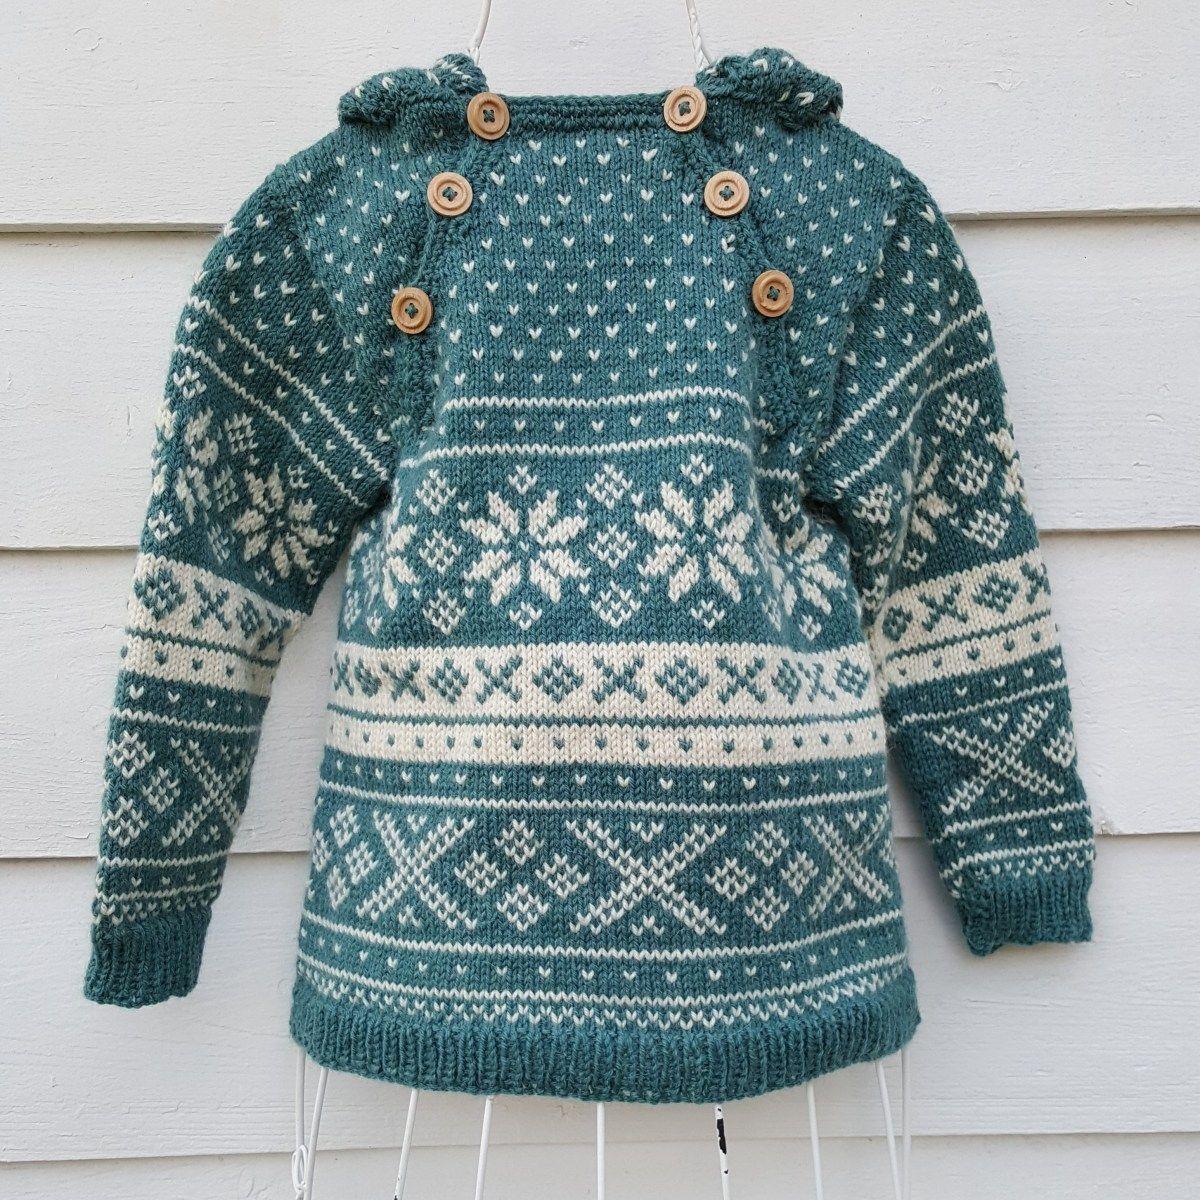 strikkeoppskrift genser gutt